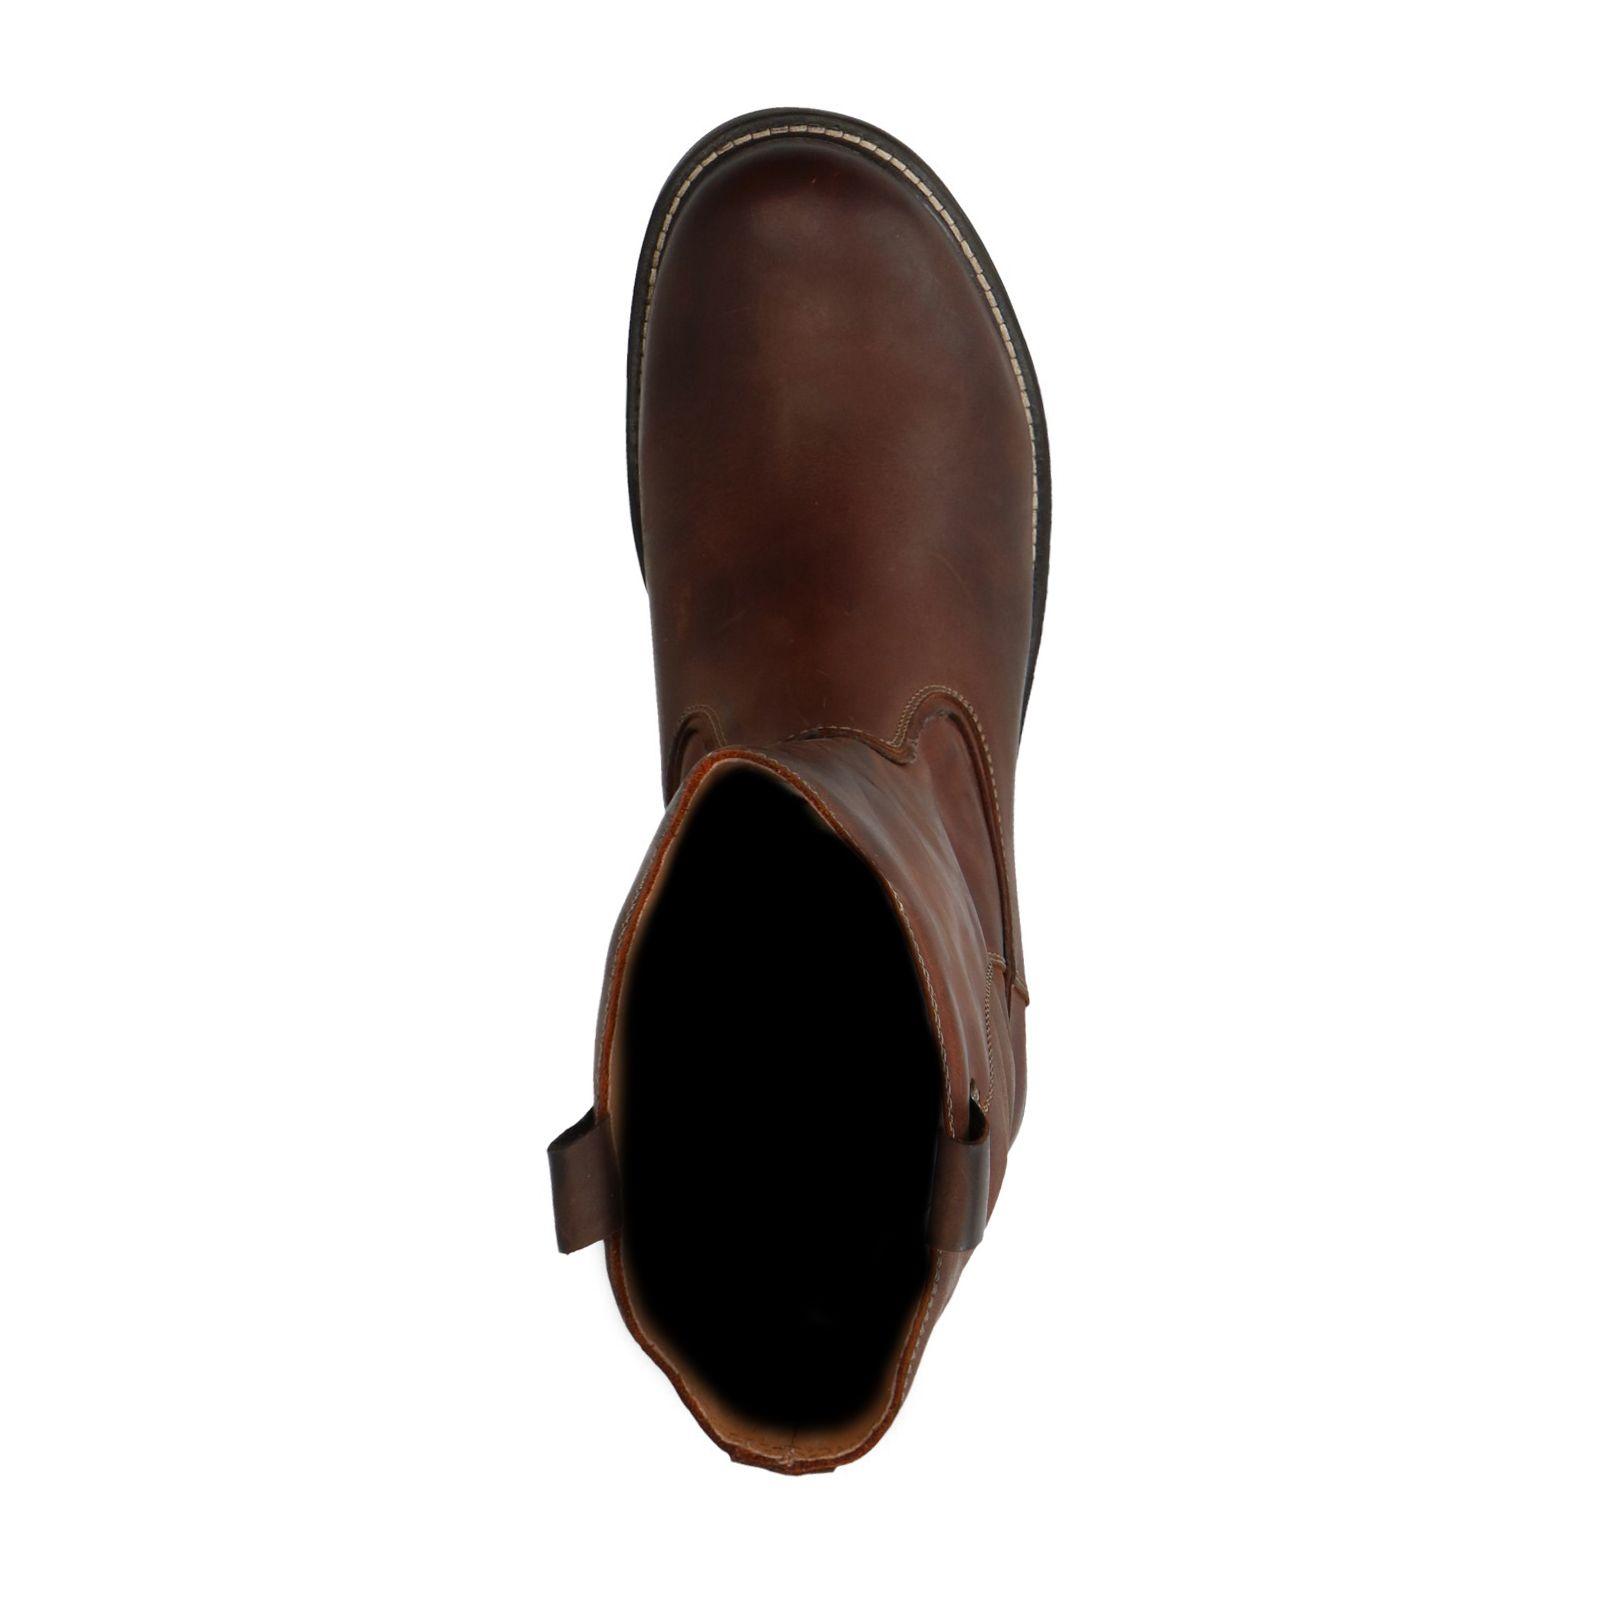 Sacha Bruine leren hoge boots met imitatiebont